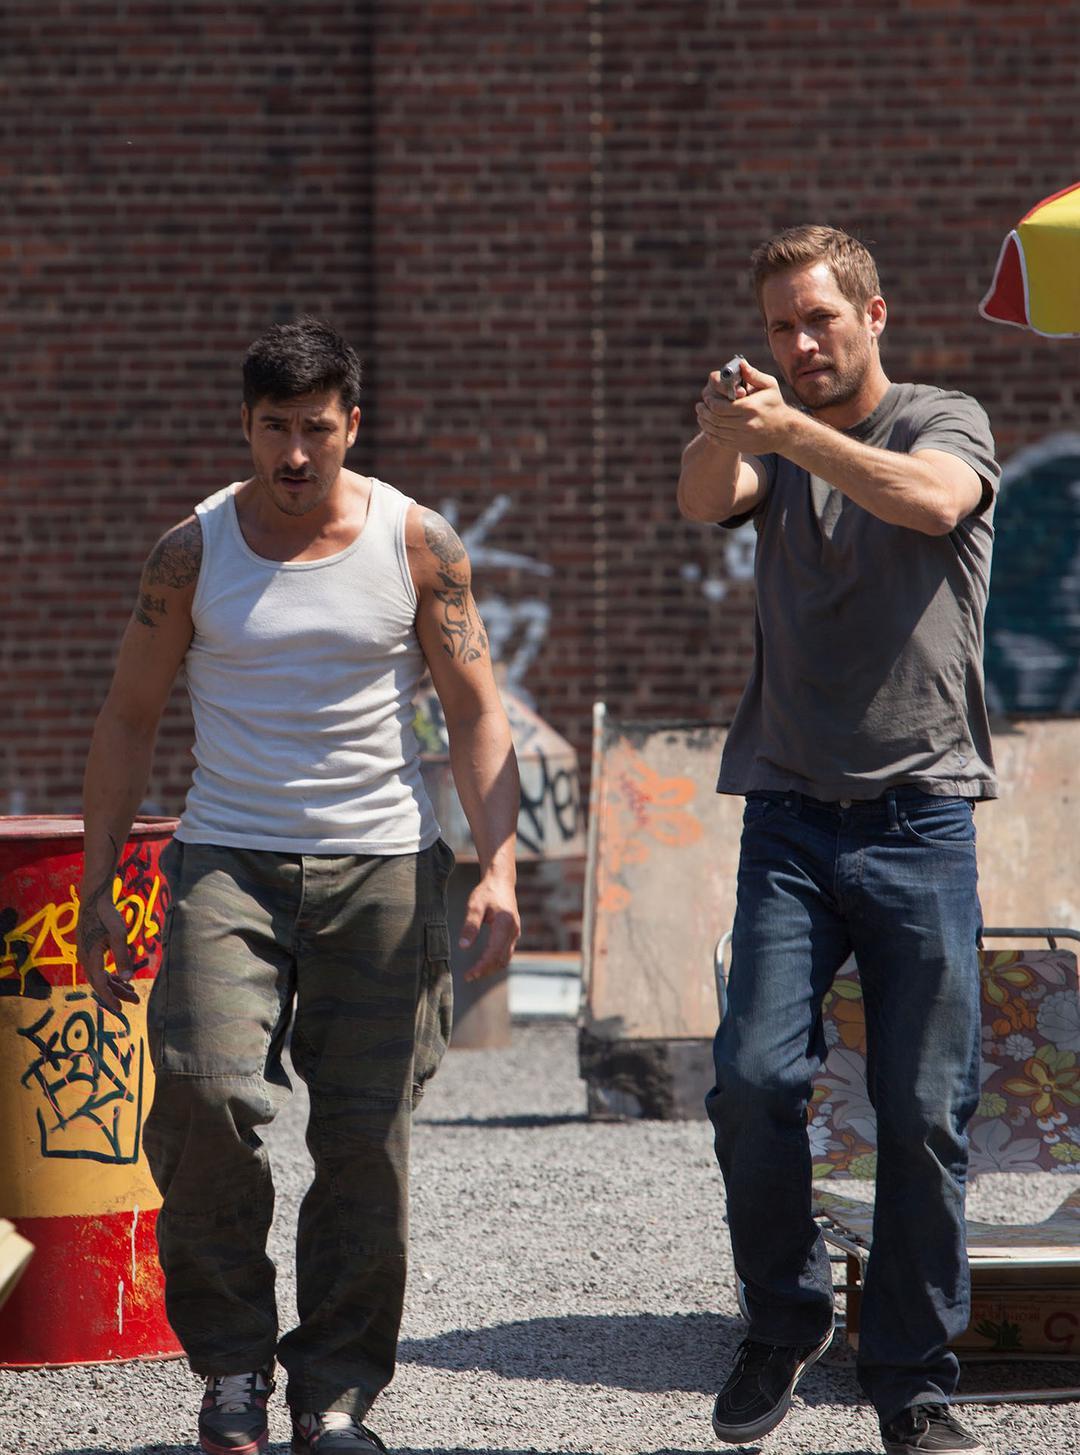 速度与激情1 6全集_《暴力街区3》全集-高清电影完整版-在线观看